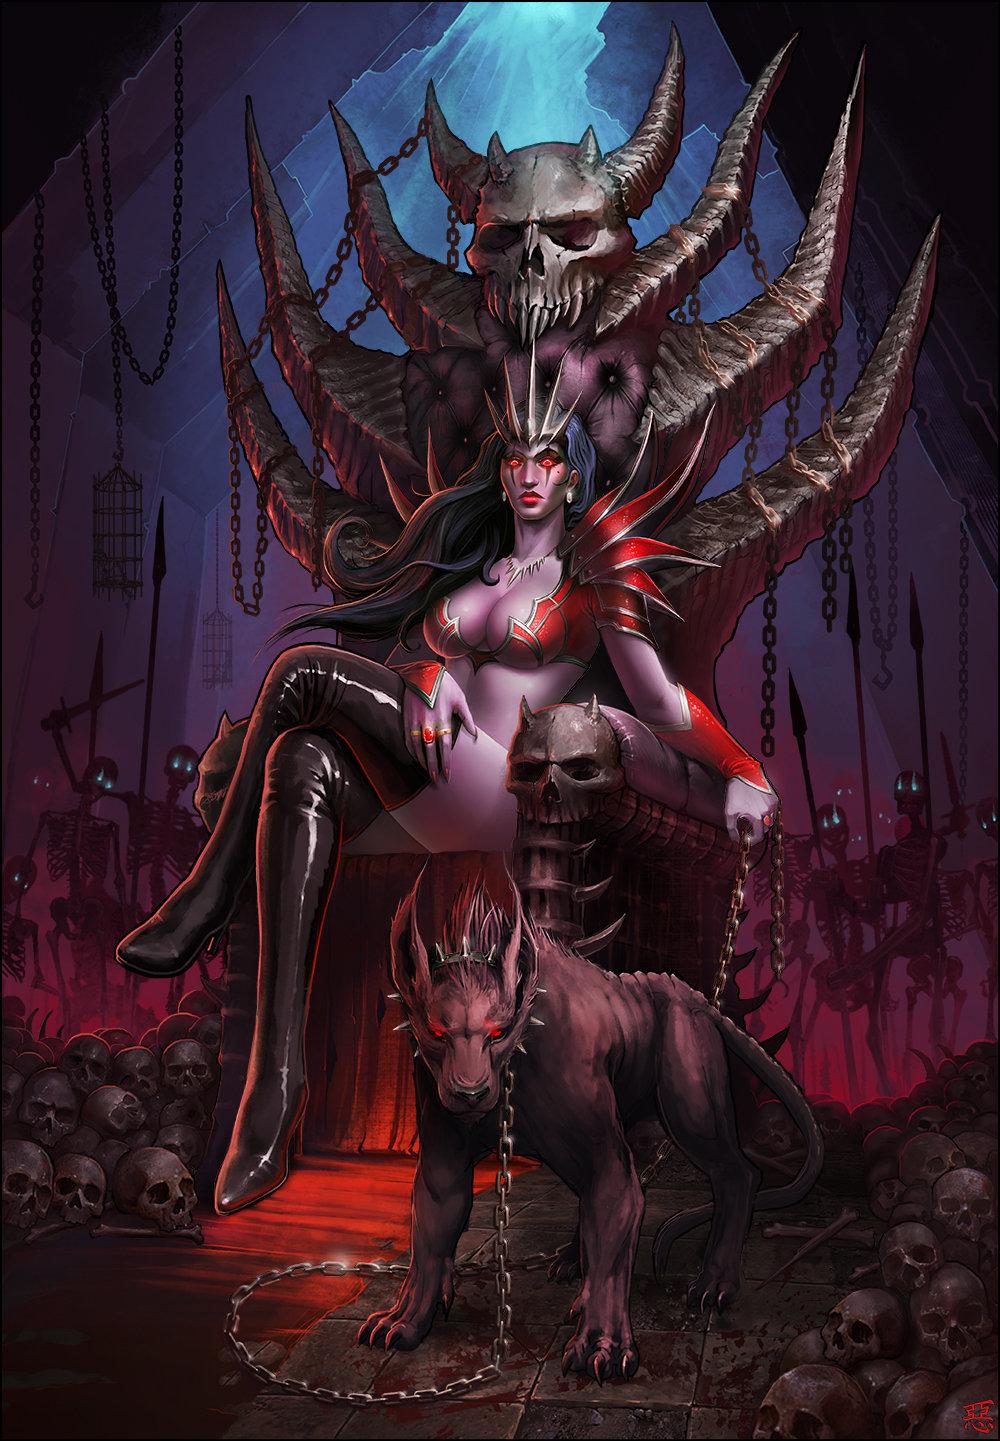 Undead queen2x